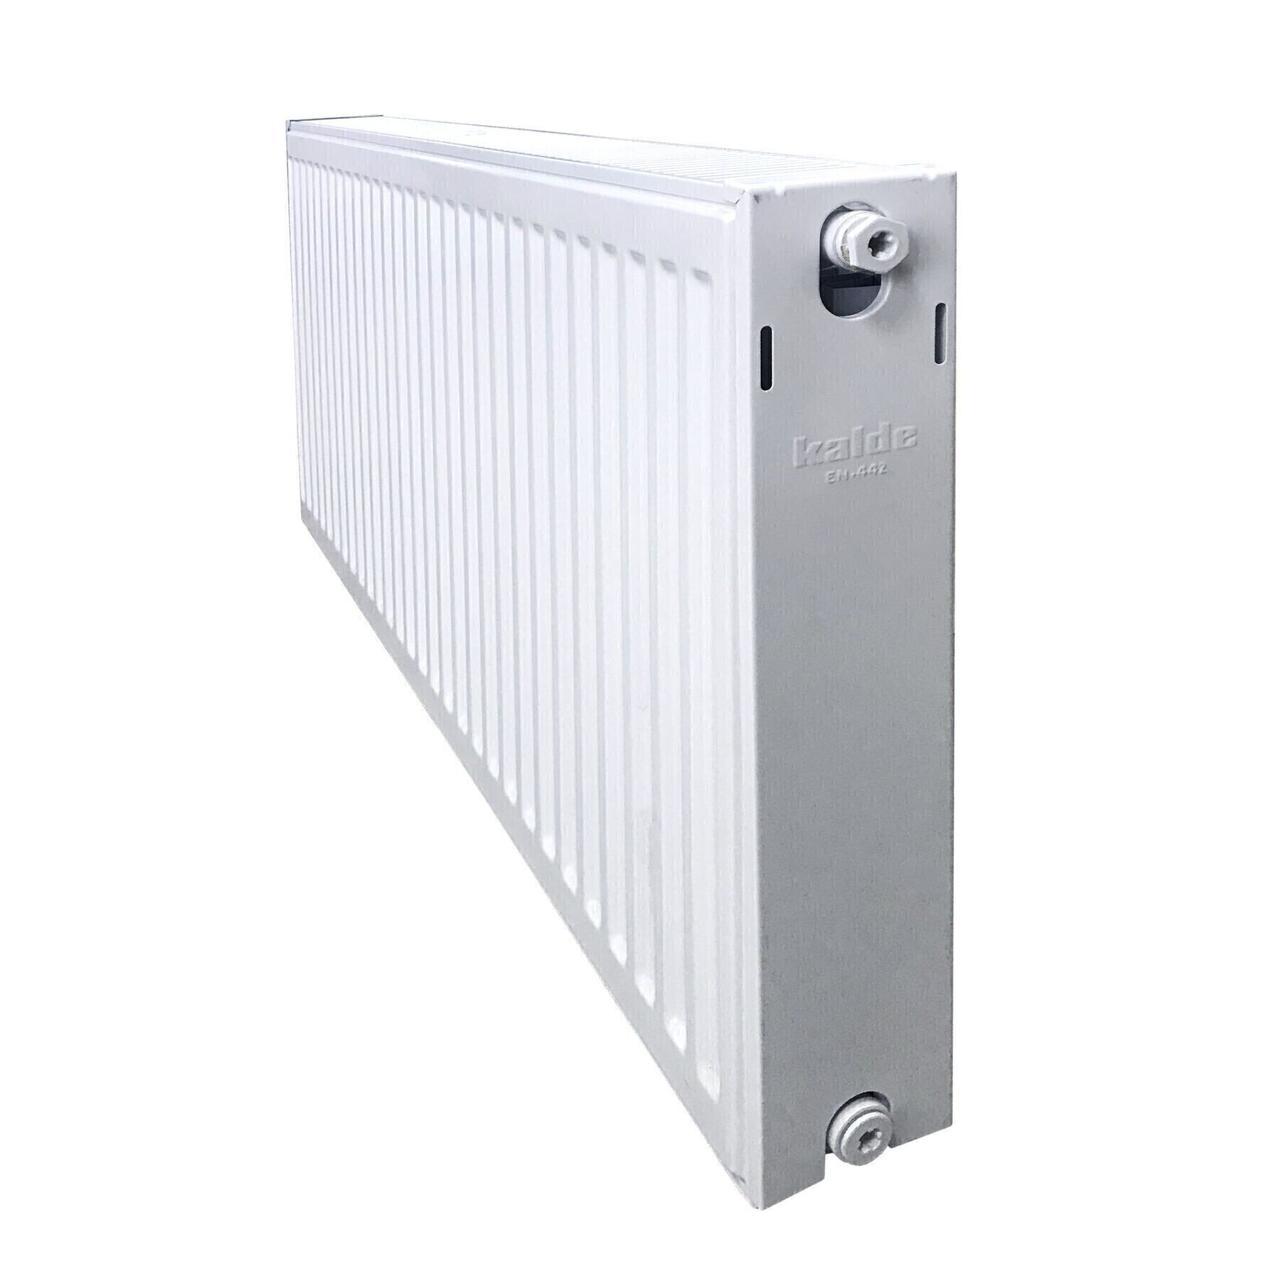 Радиатор стальной панельный 33 тип бок. 300х1900 ТМ 'KALDE' 3679 Вт